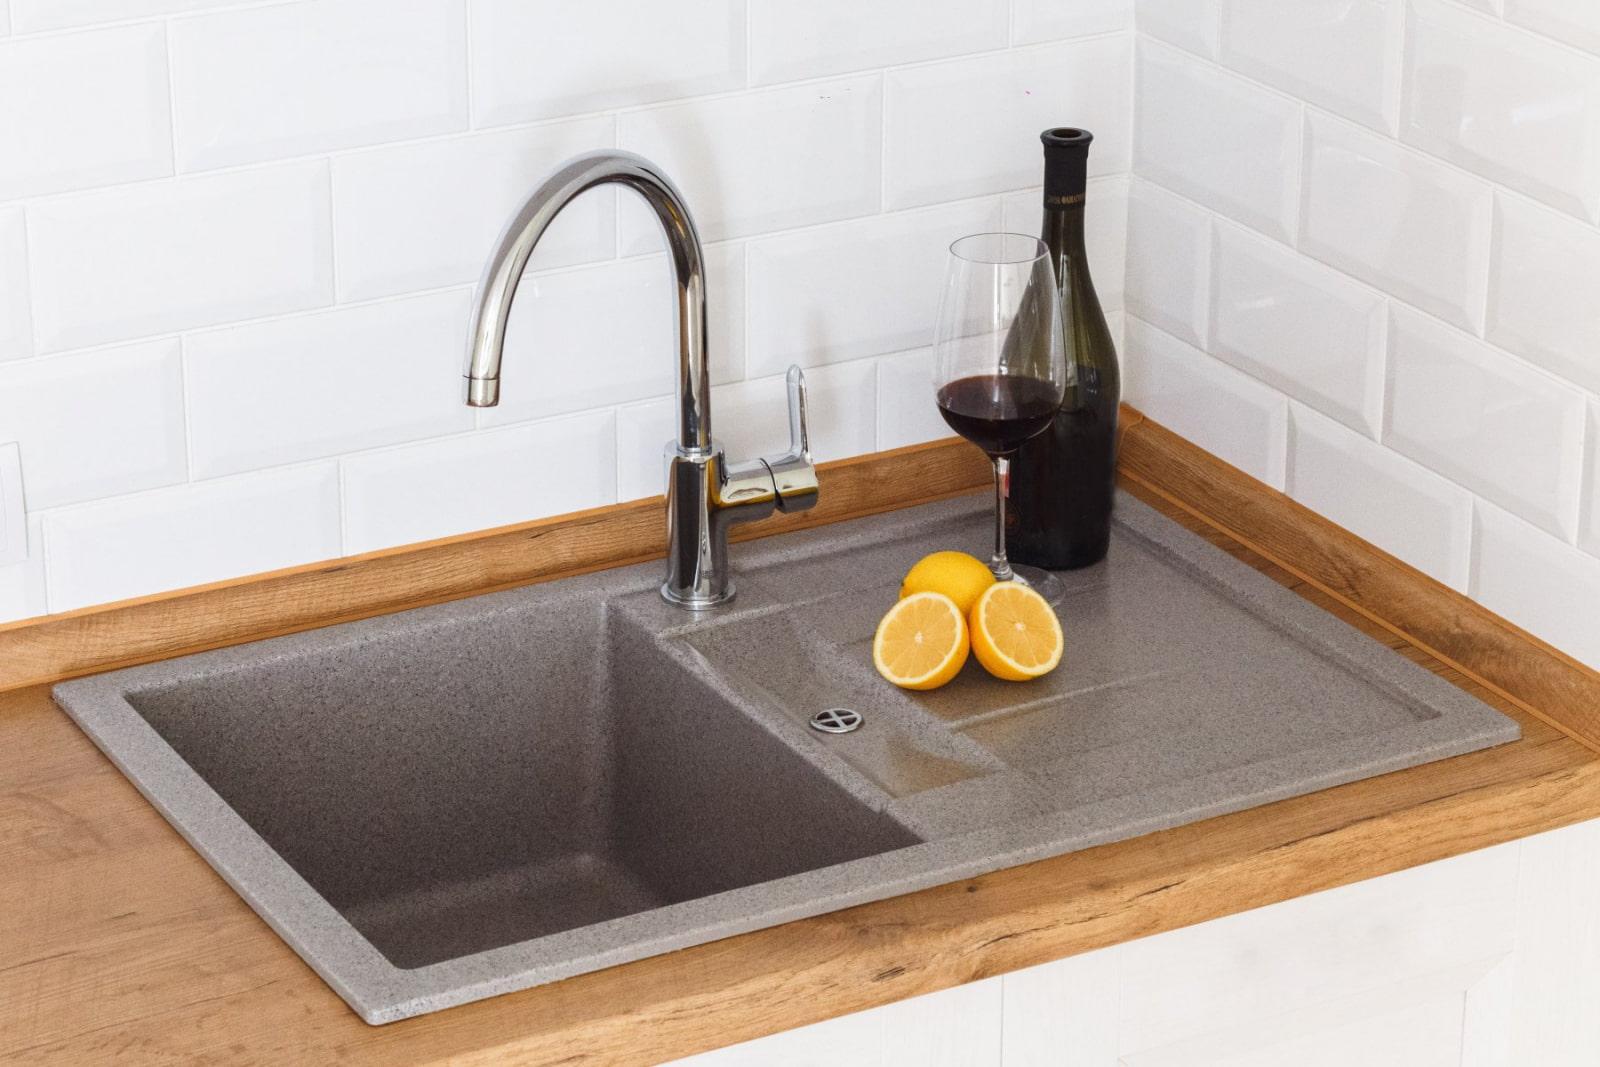 мойка на кухню из искусственного камня картинки нижнюю прядь